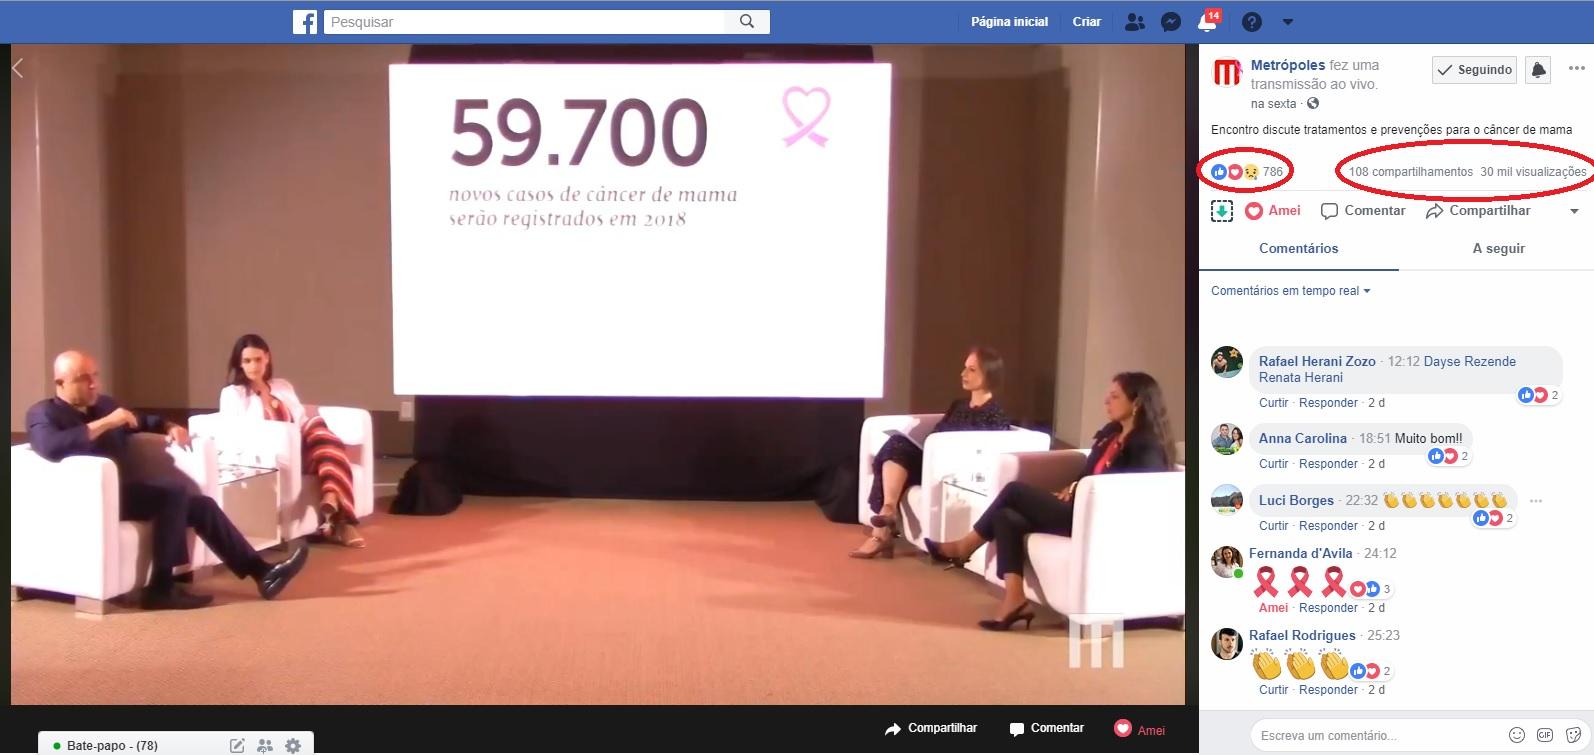 Metrópoles Facebook 2 - Congresso Oncologia - 19-10-2018